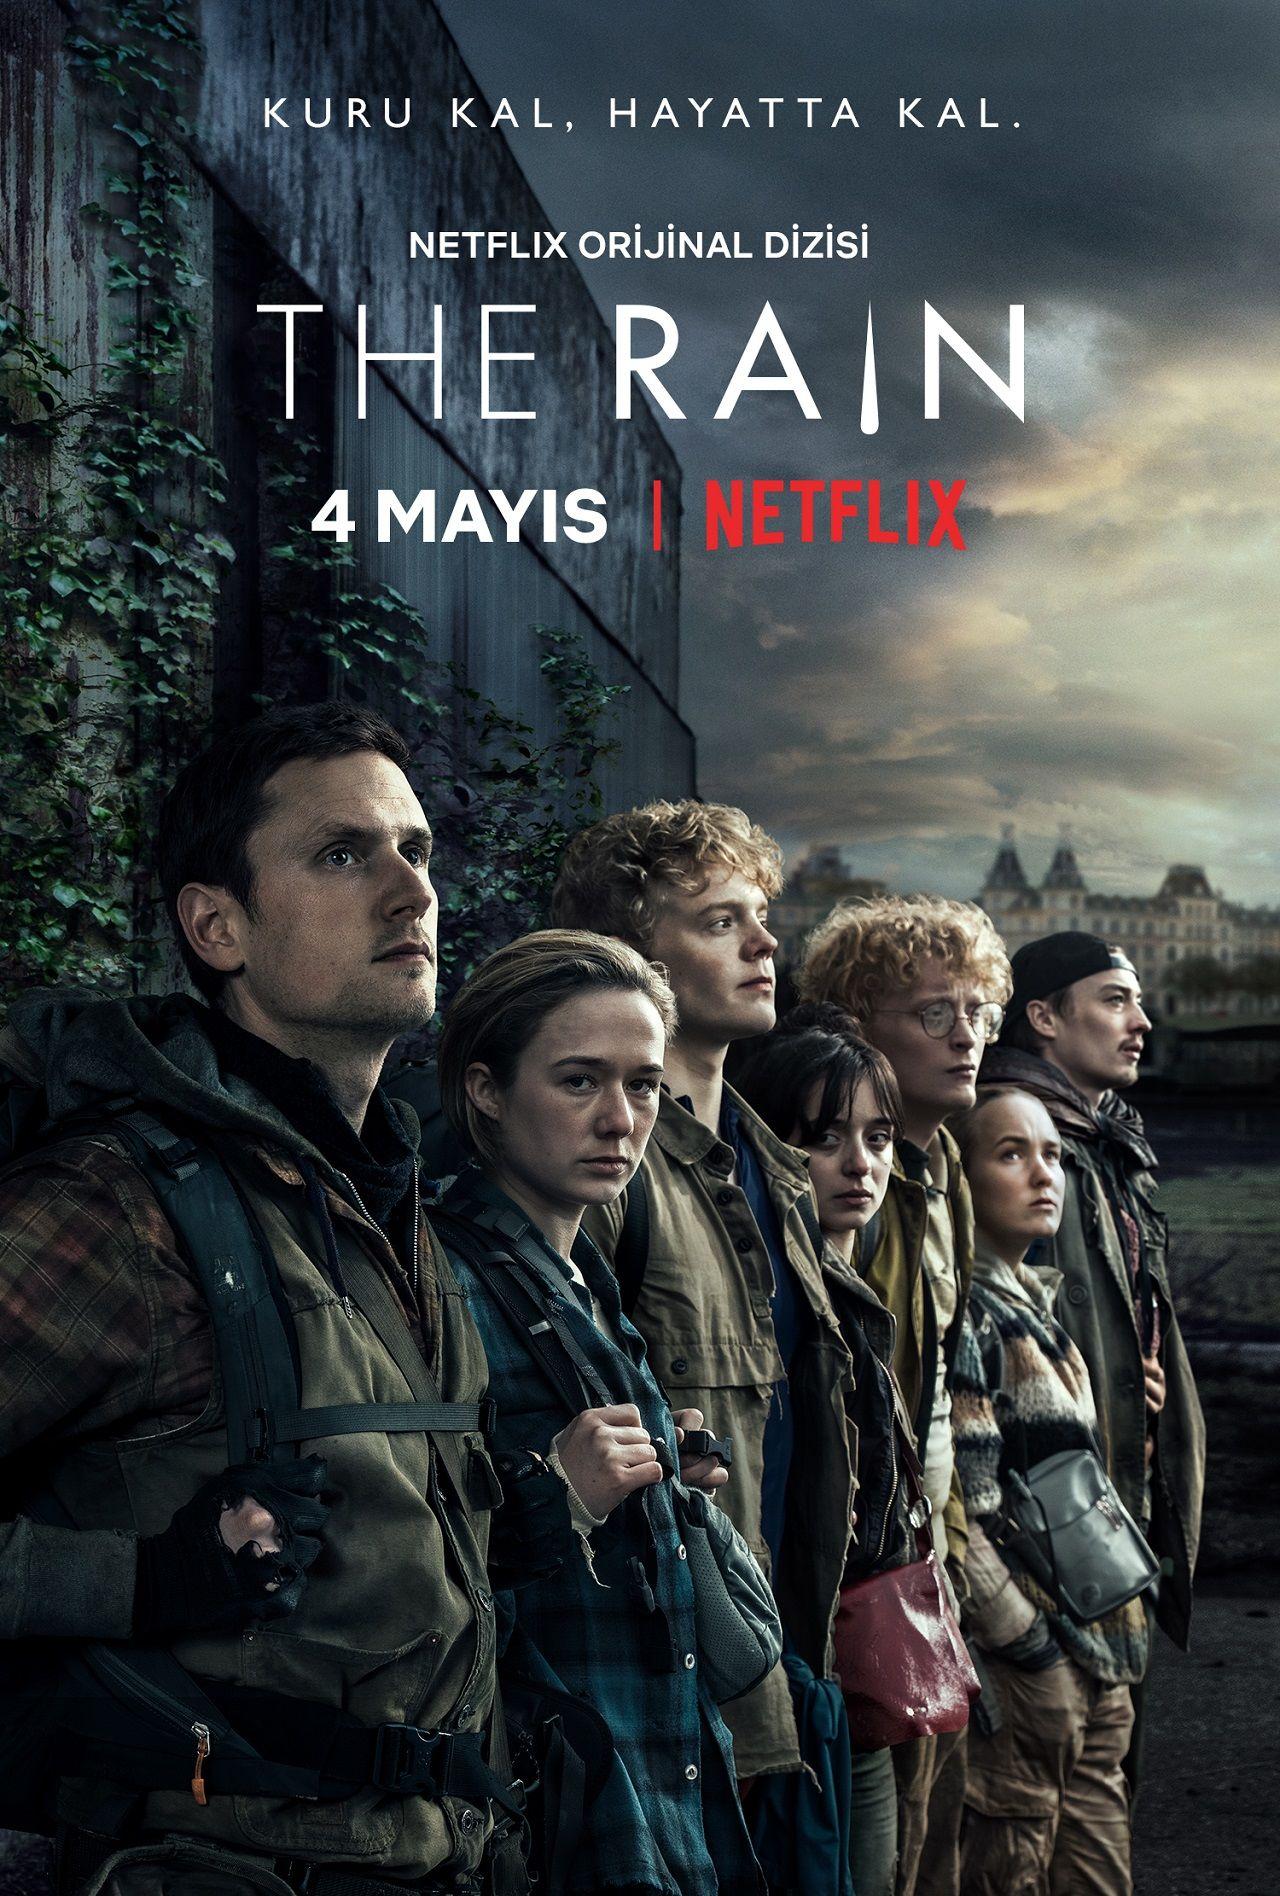 Netflix'in Rain dizisi için yeni fragman ve poster yayınlandı